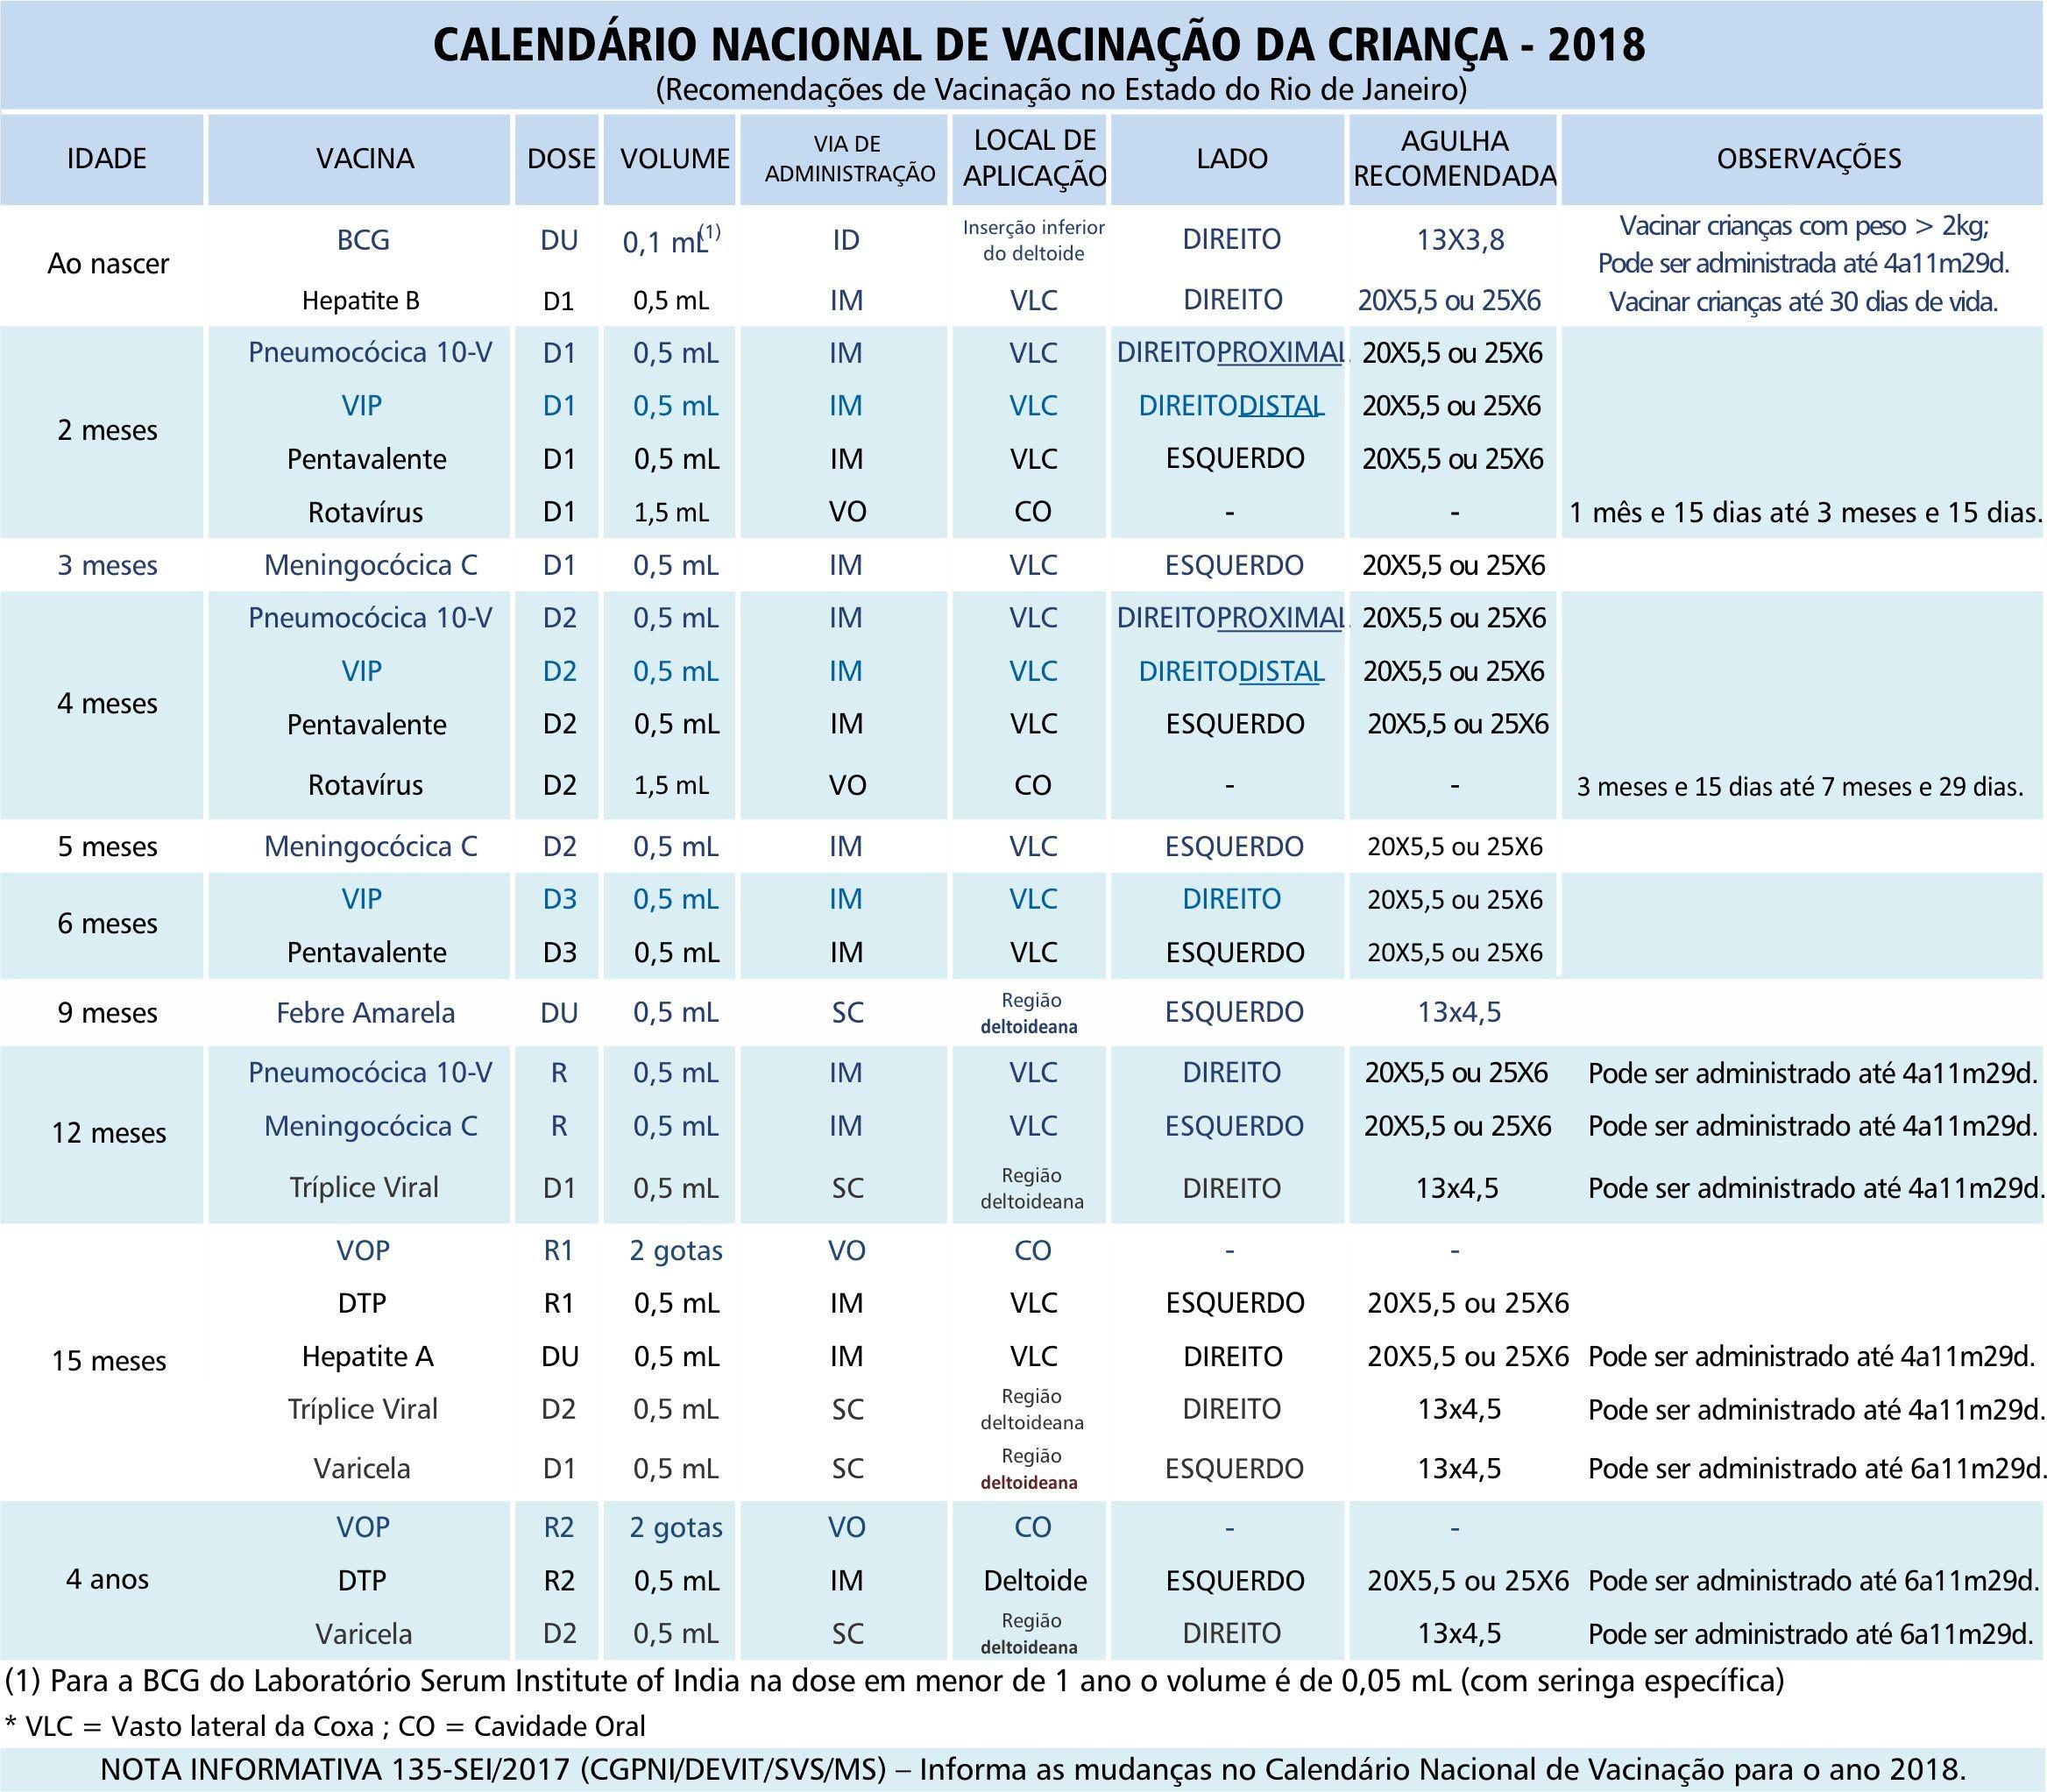 TABELA Calendario Vacina§£o Crian§a OS 1871